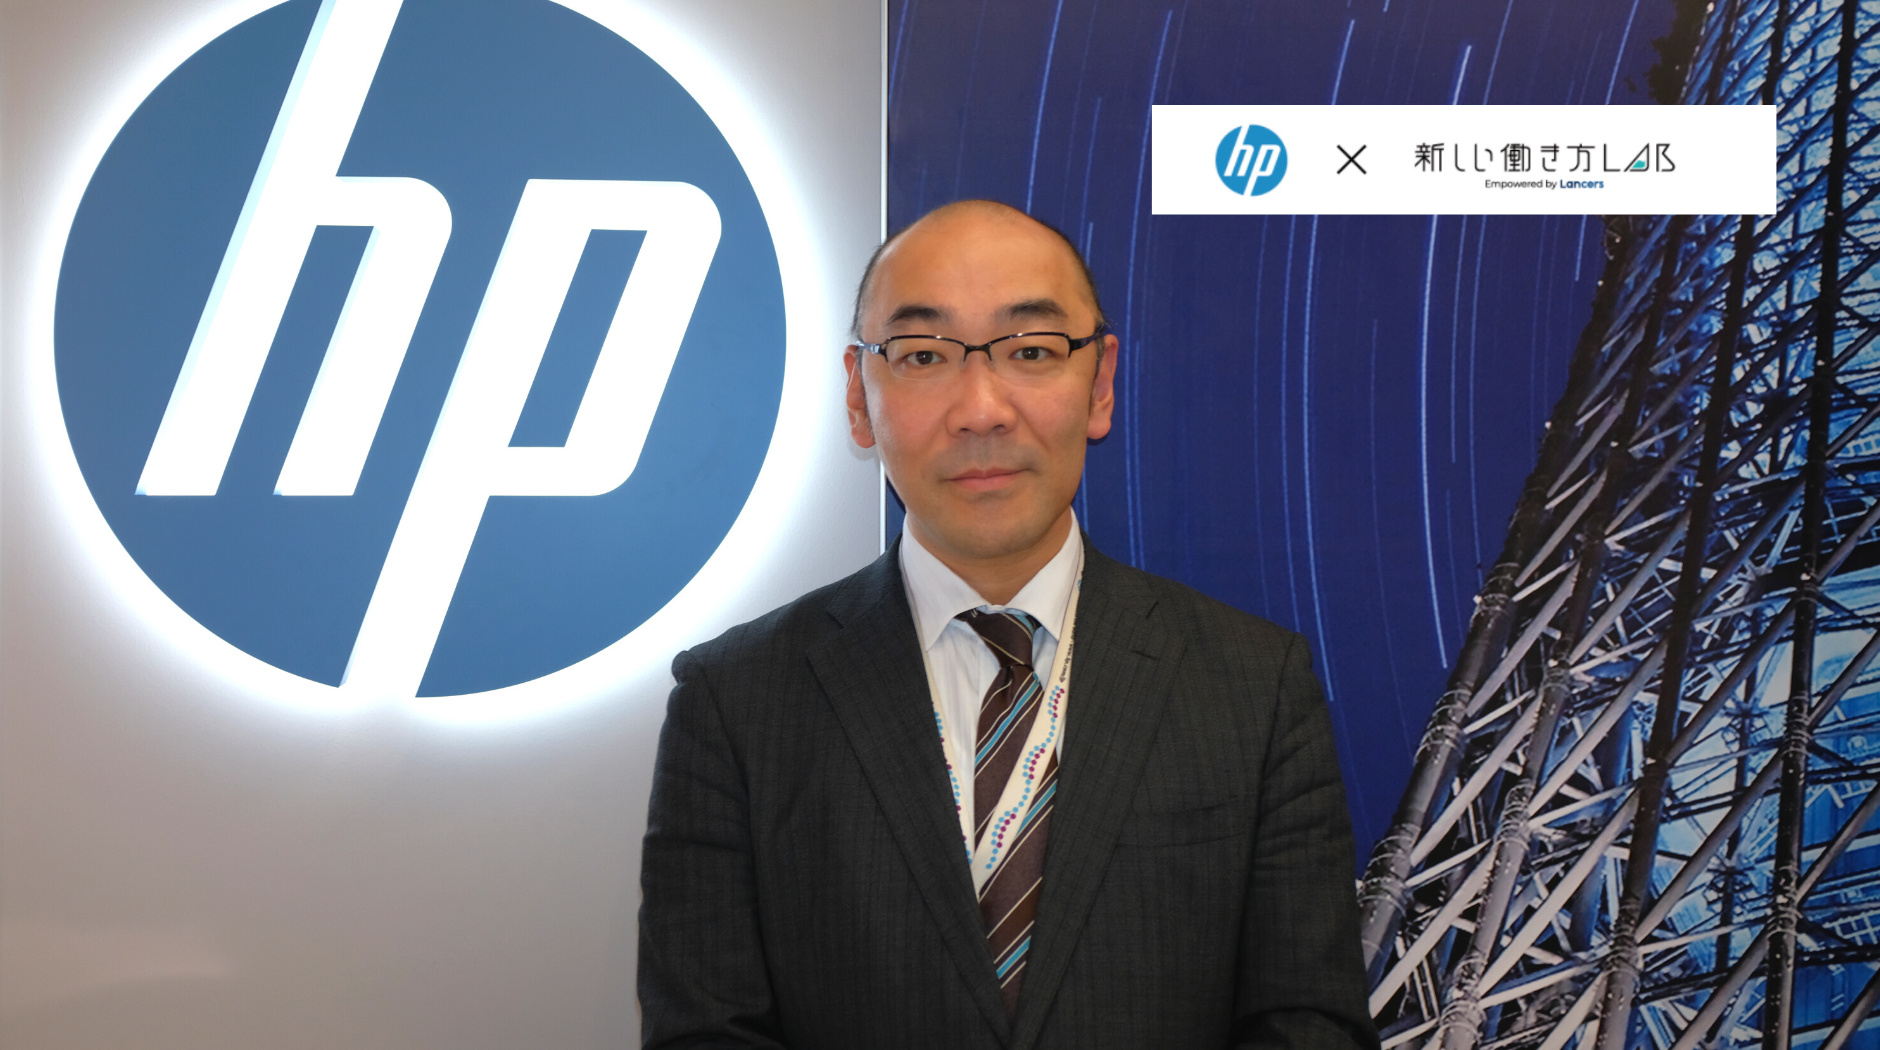 新卒から日本HP一筋!一緒に働く仲間が気持ちよく働ける場を作りたい|日本HP 田中琢磨さん